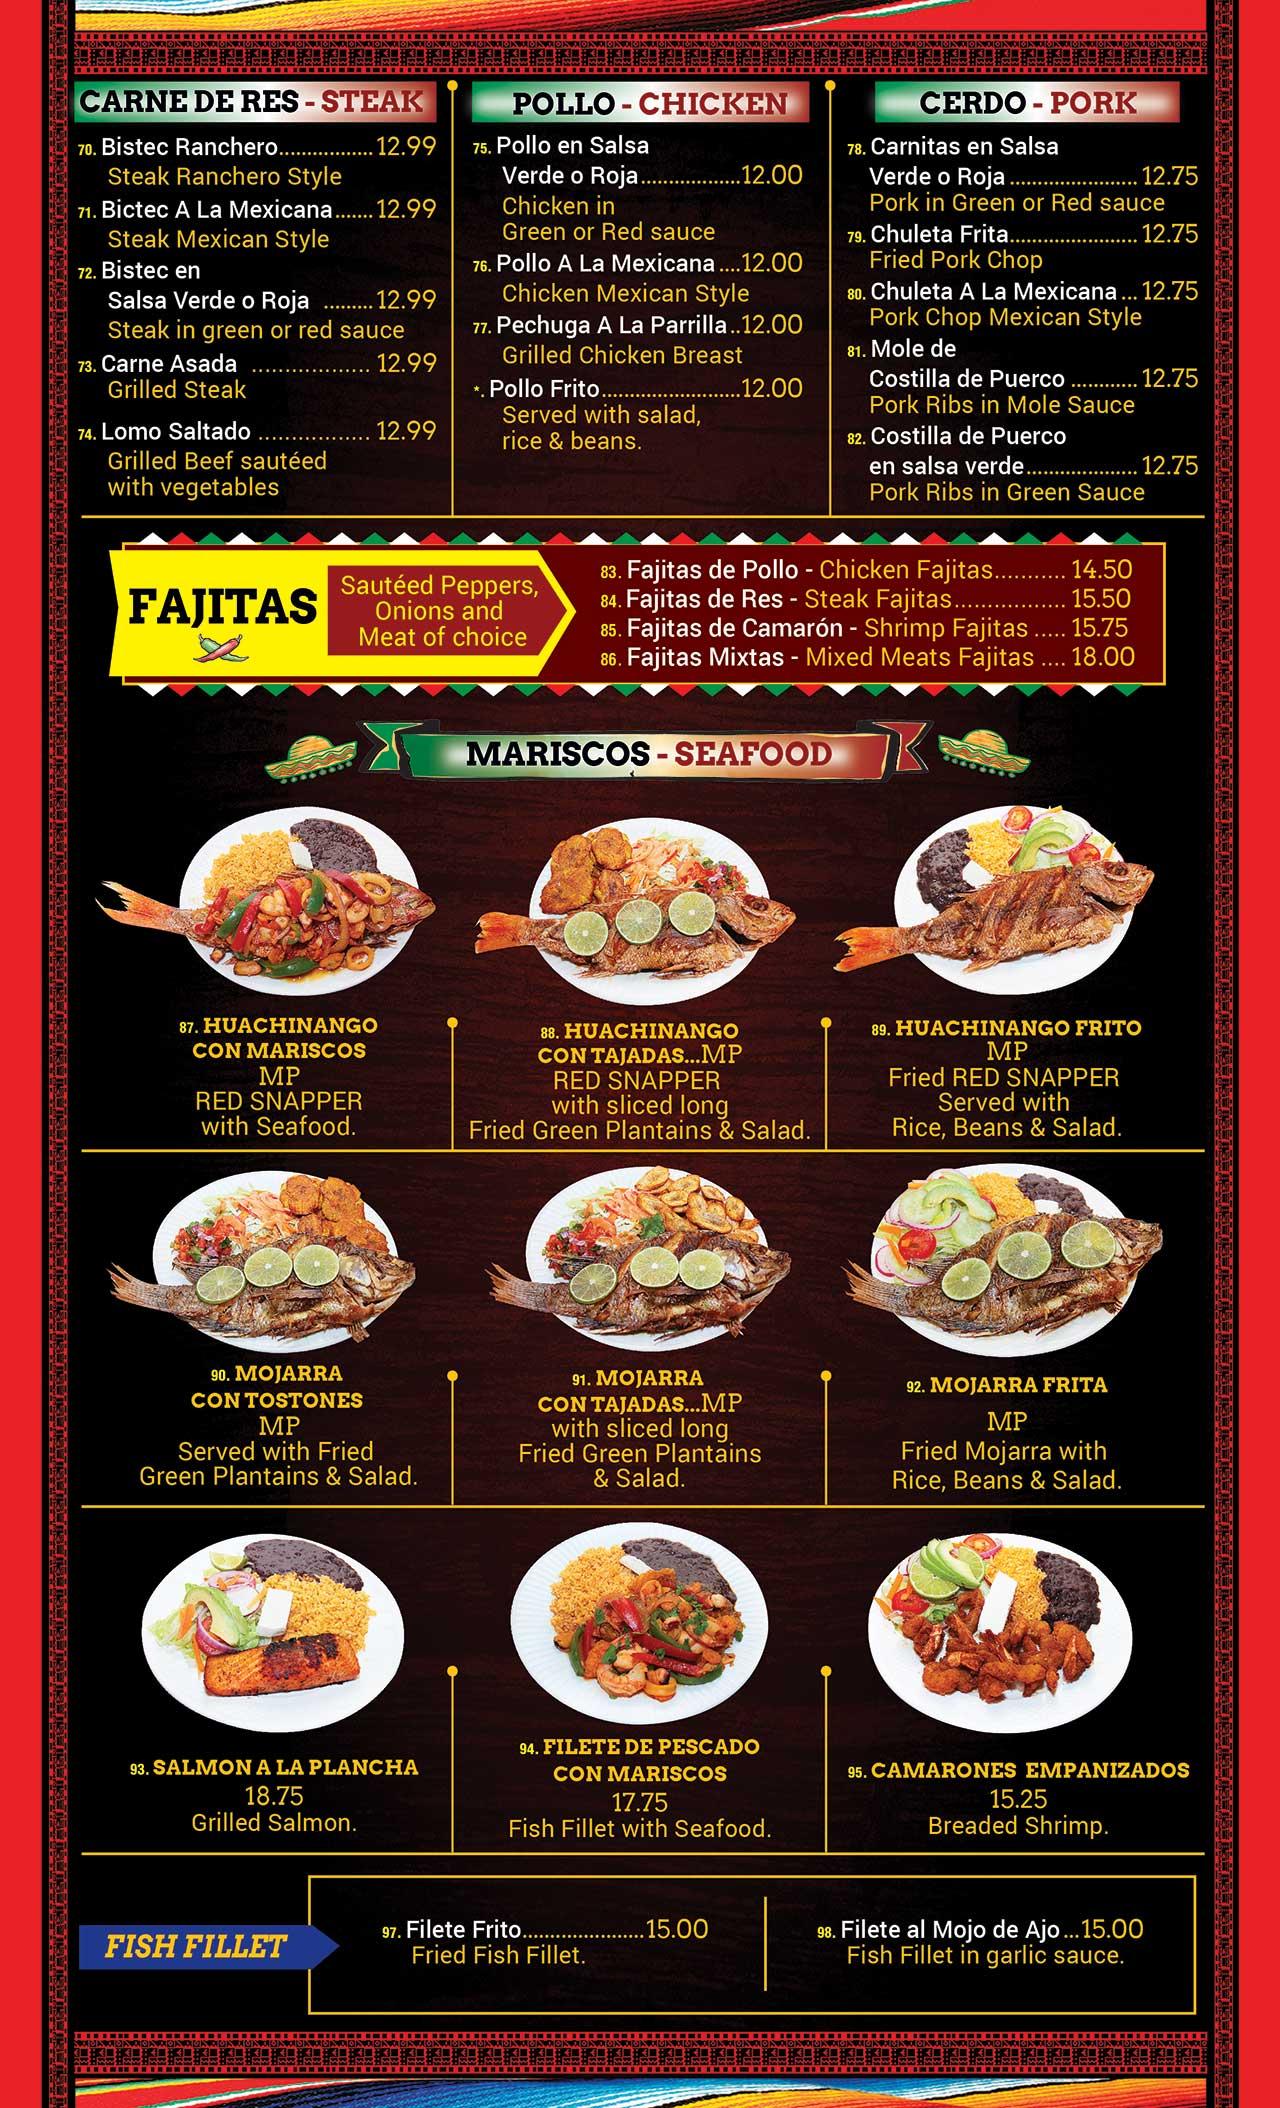 Las Piñatas Menu Page 5